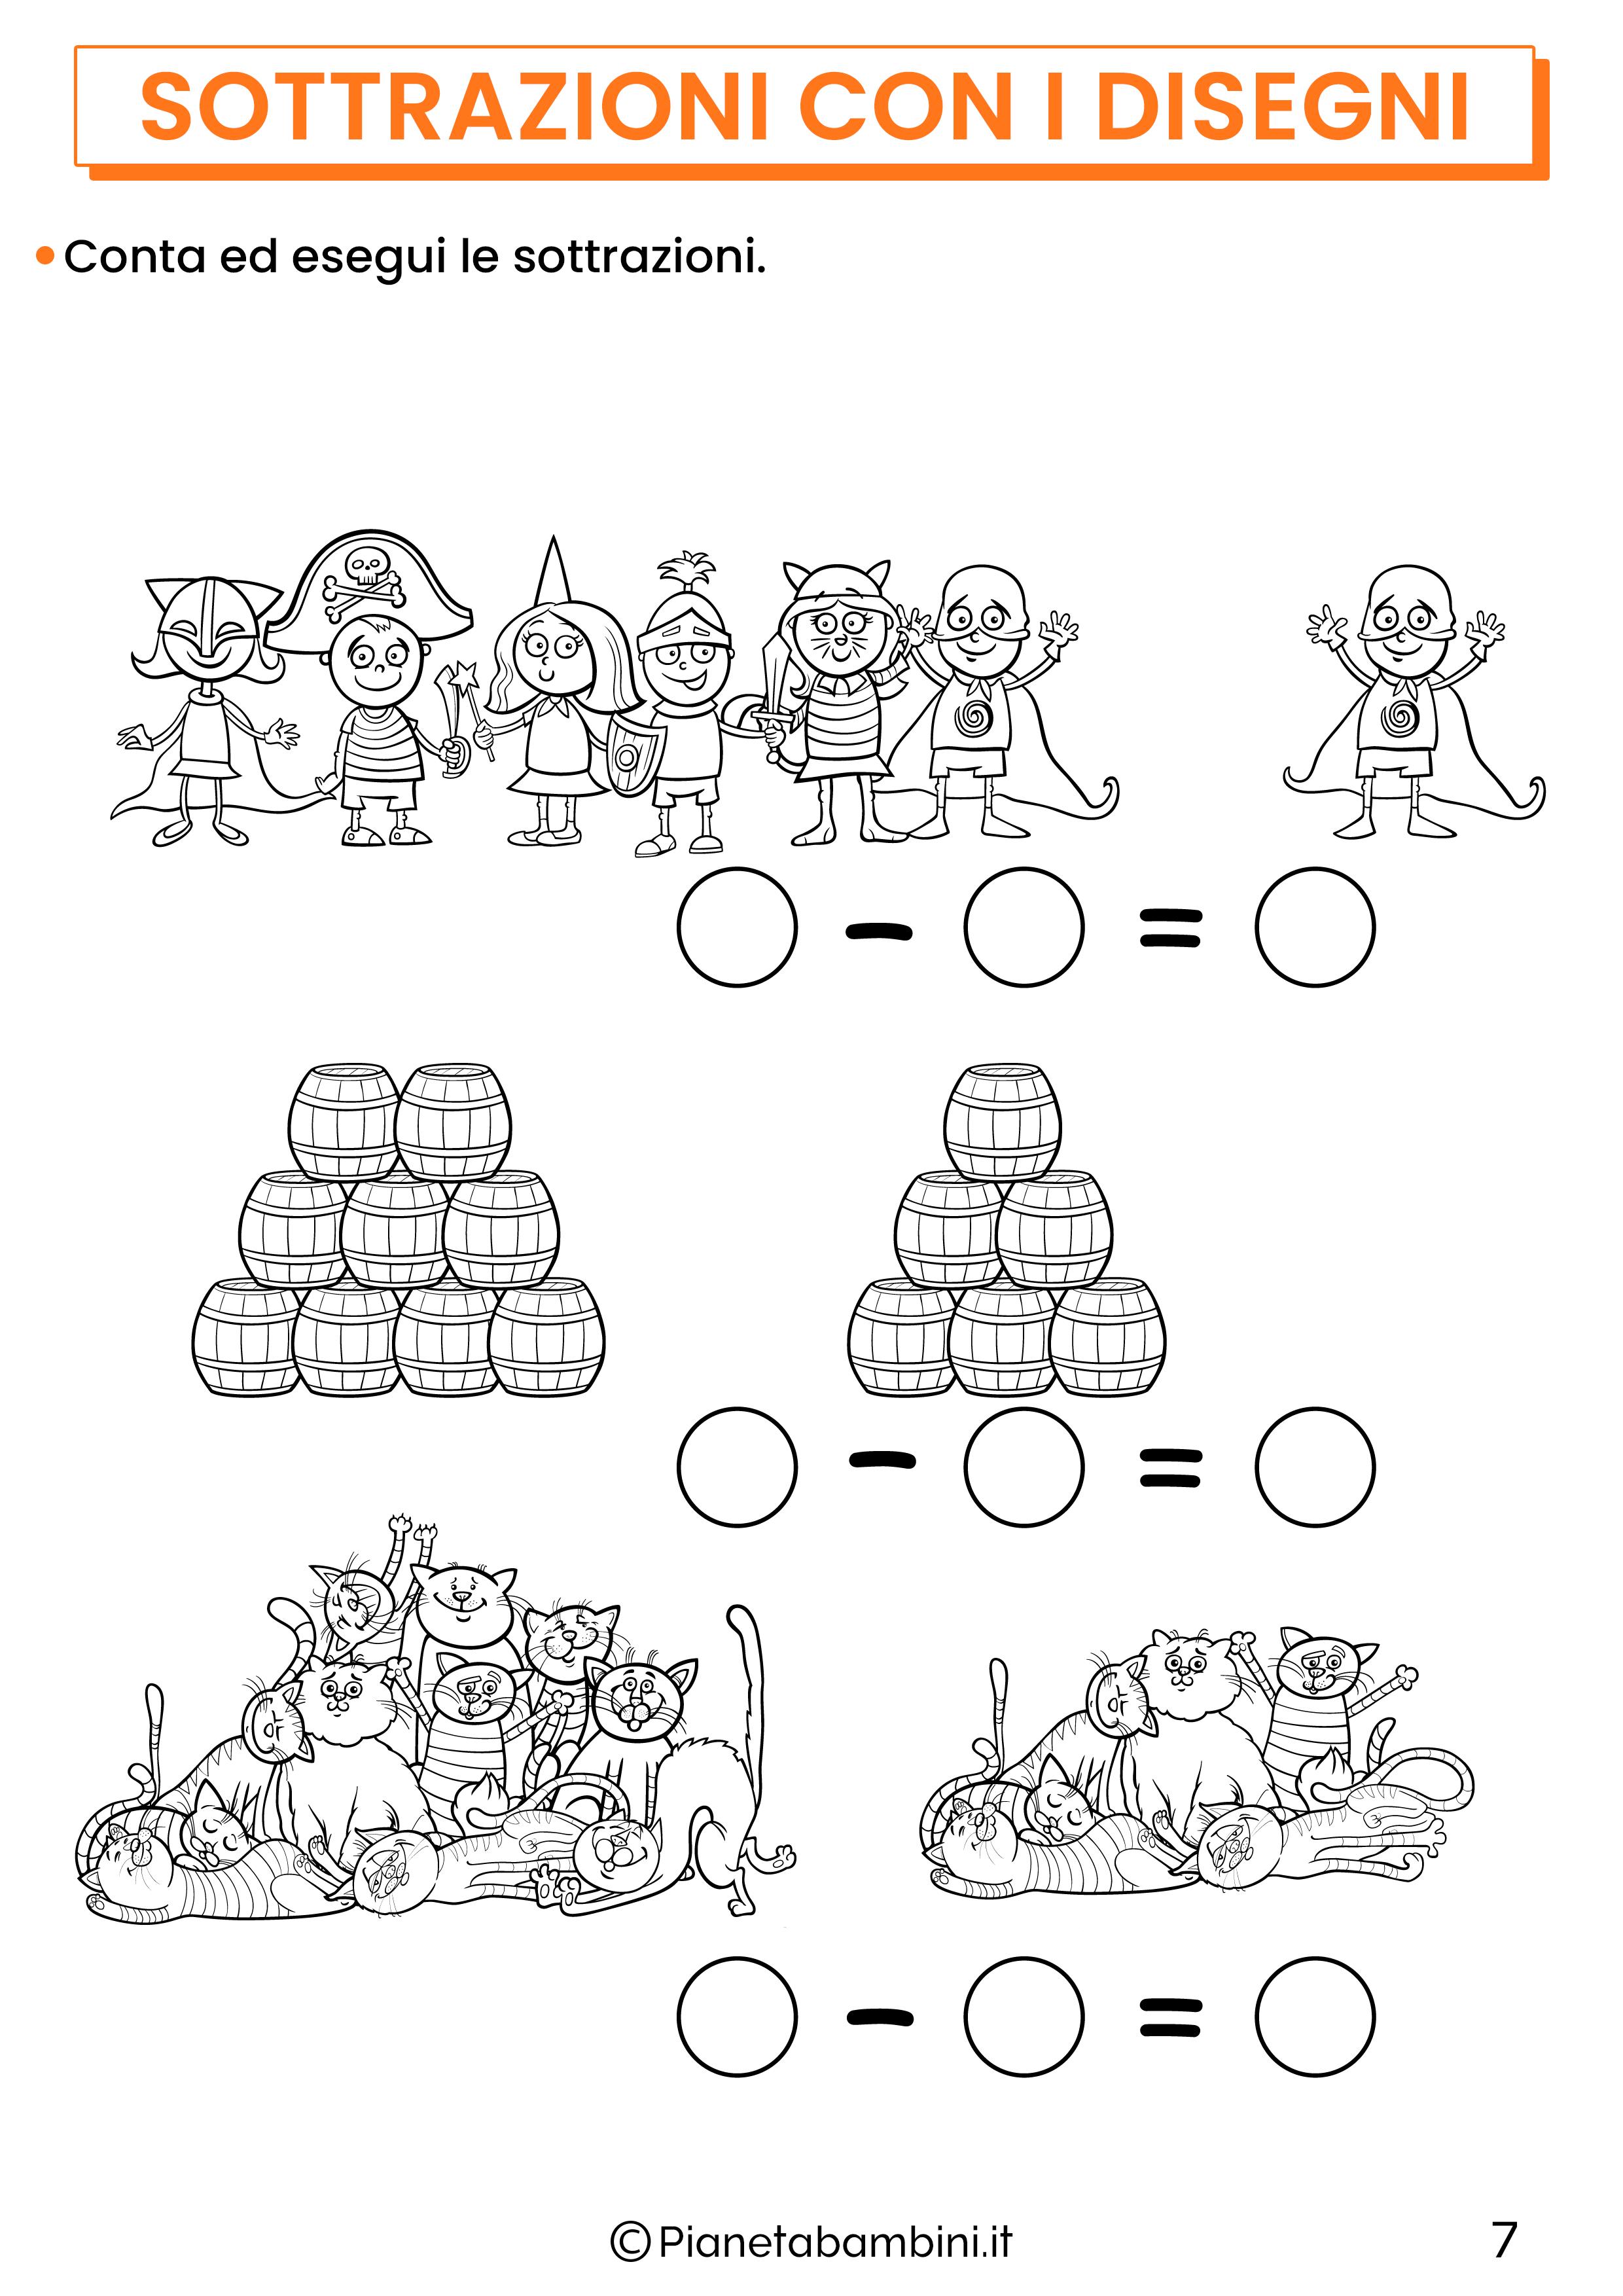 Sottrazioni con disegni per la classe prima pagina 7